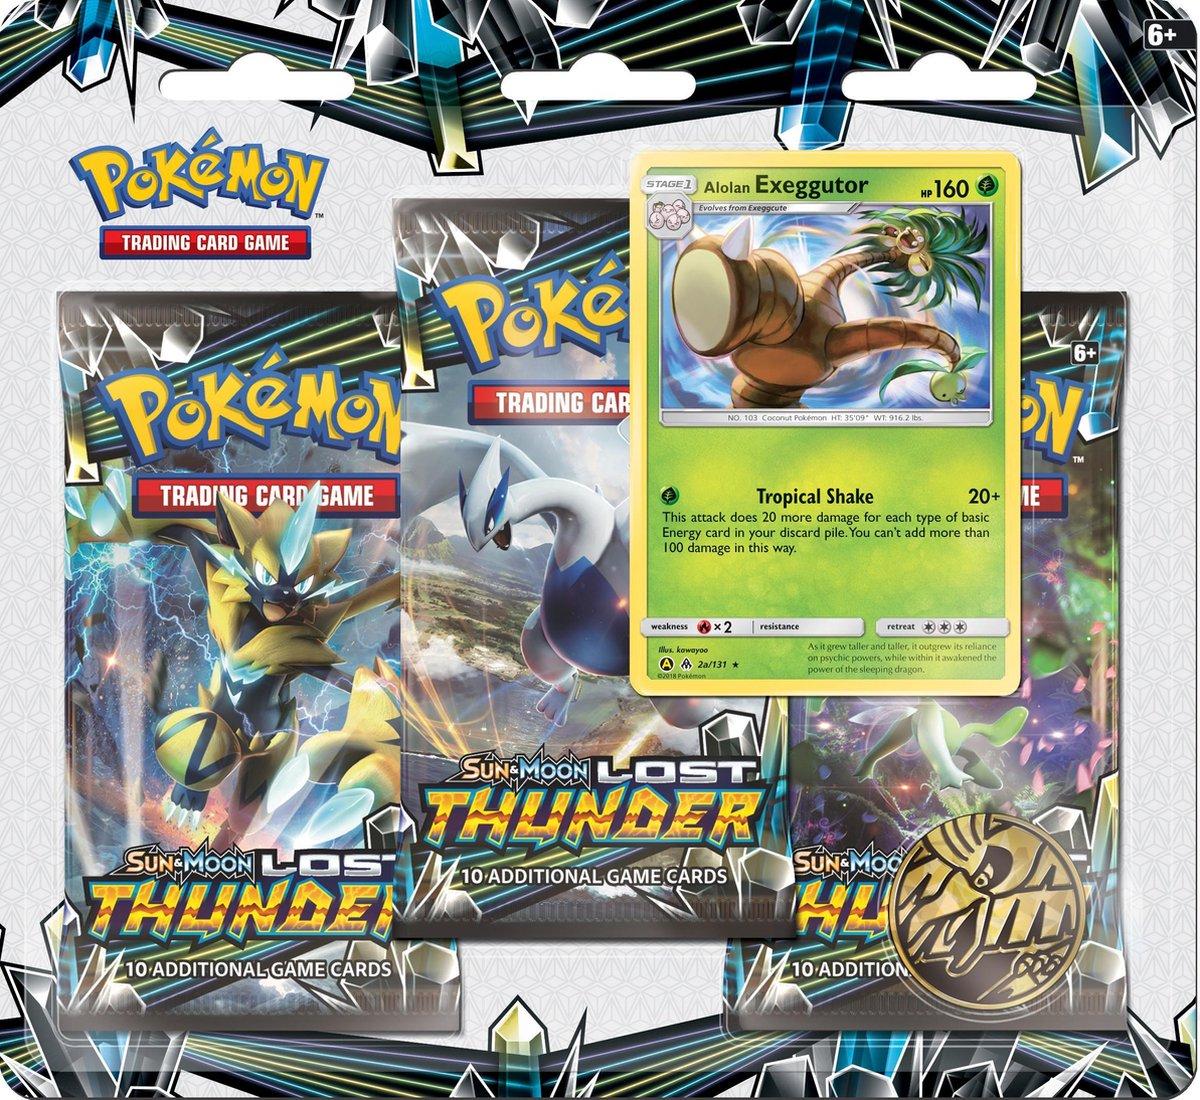 Pokémon Sun & Moon Lost Thunder Boosterblister Exeggutor - Pokémon Kaarten - Pokémon